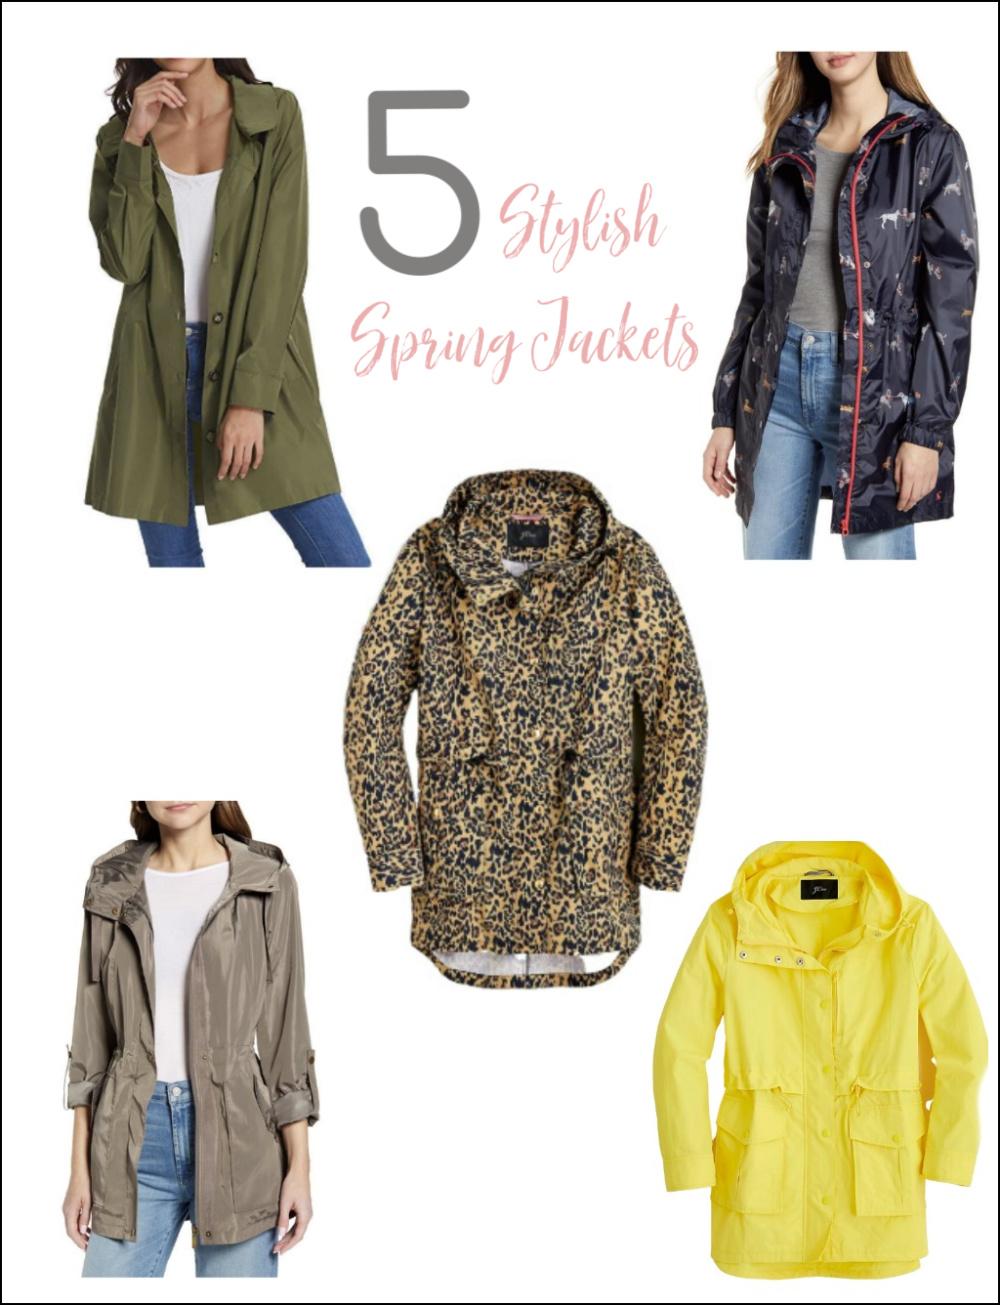 5 Stylish Spring Jackets